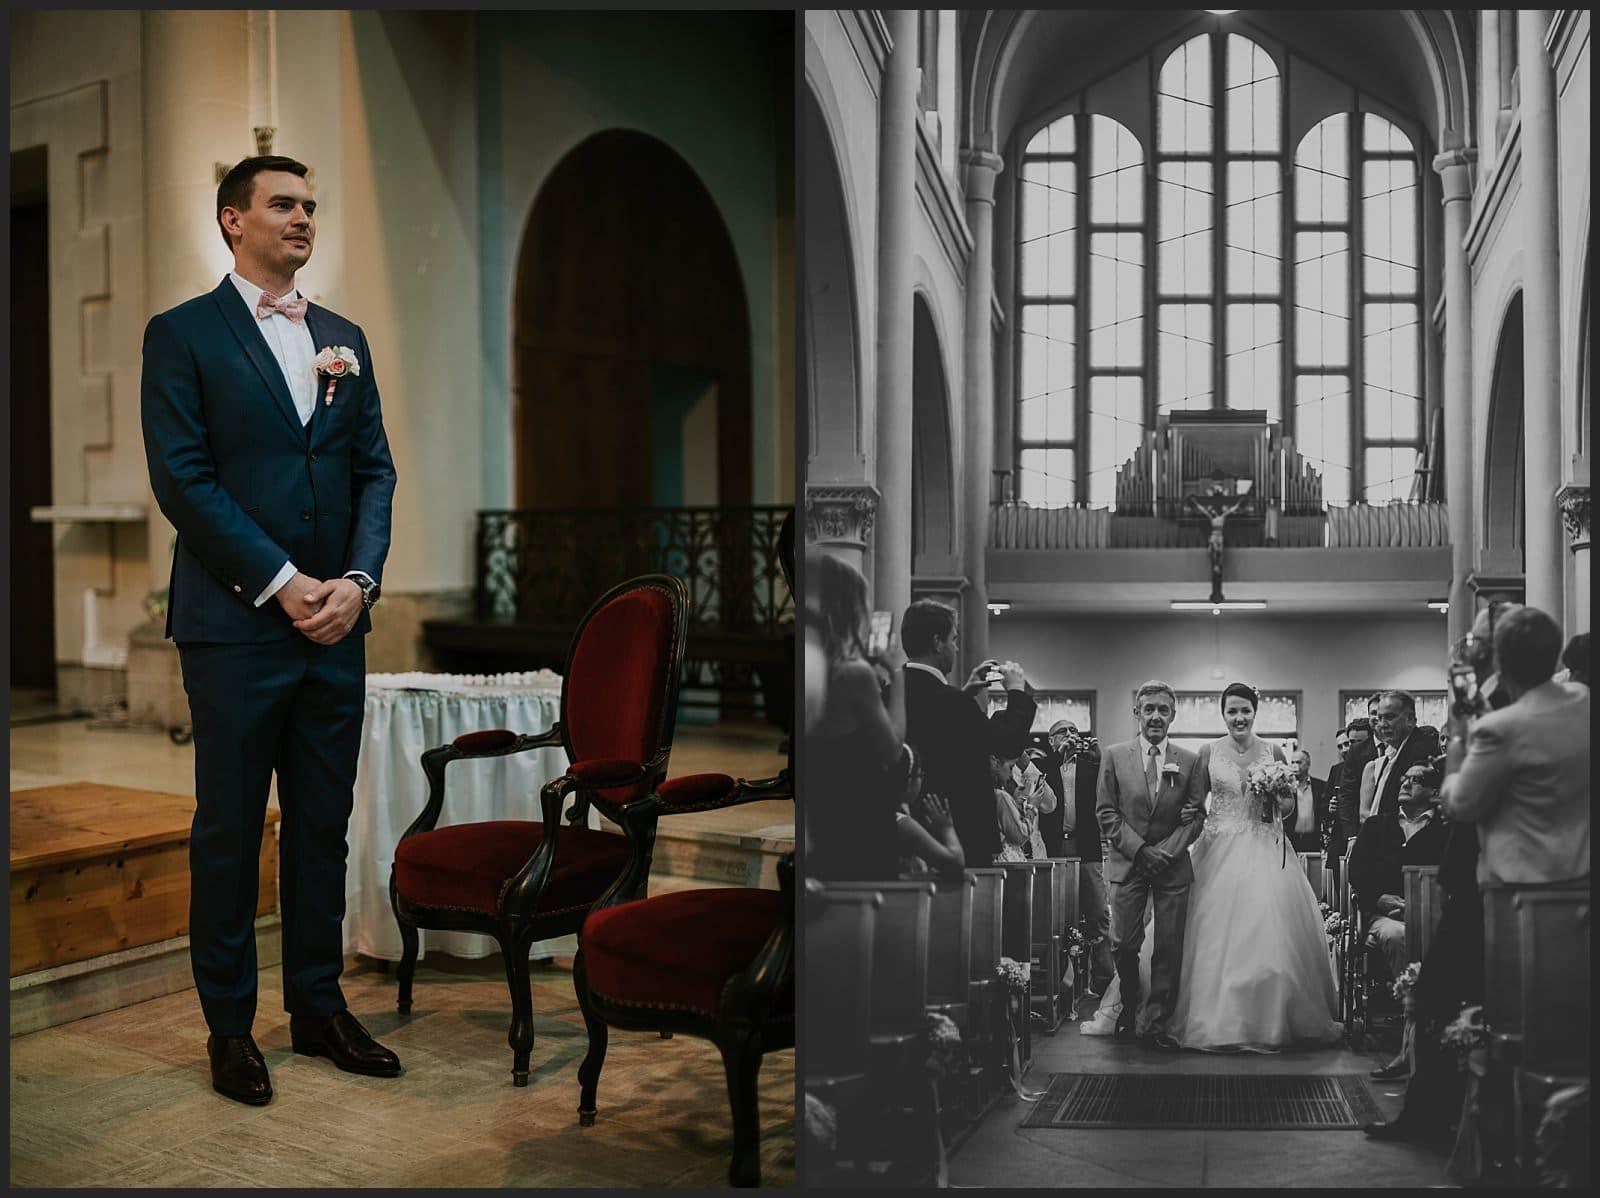 mari qui attend sa mariée et mariée qui avance dans l'allée de l'Eglise Saint Joseph avec son père.